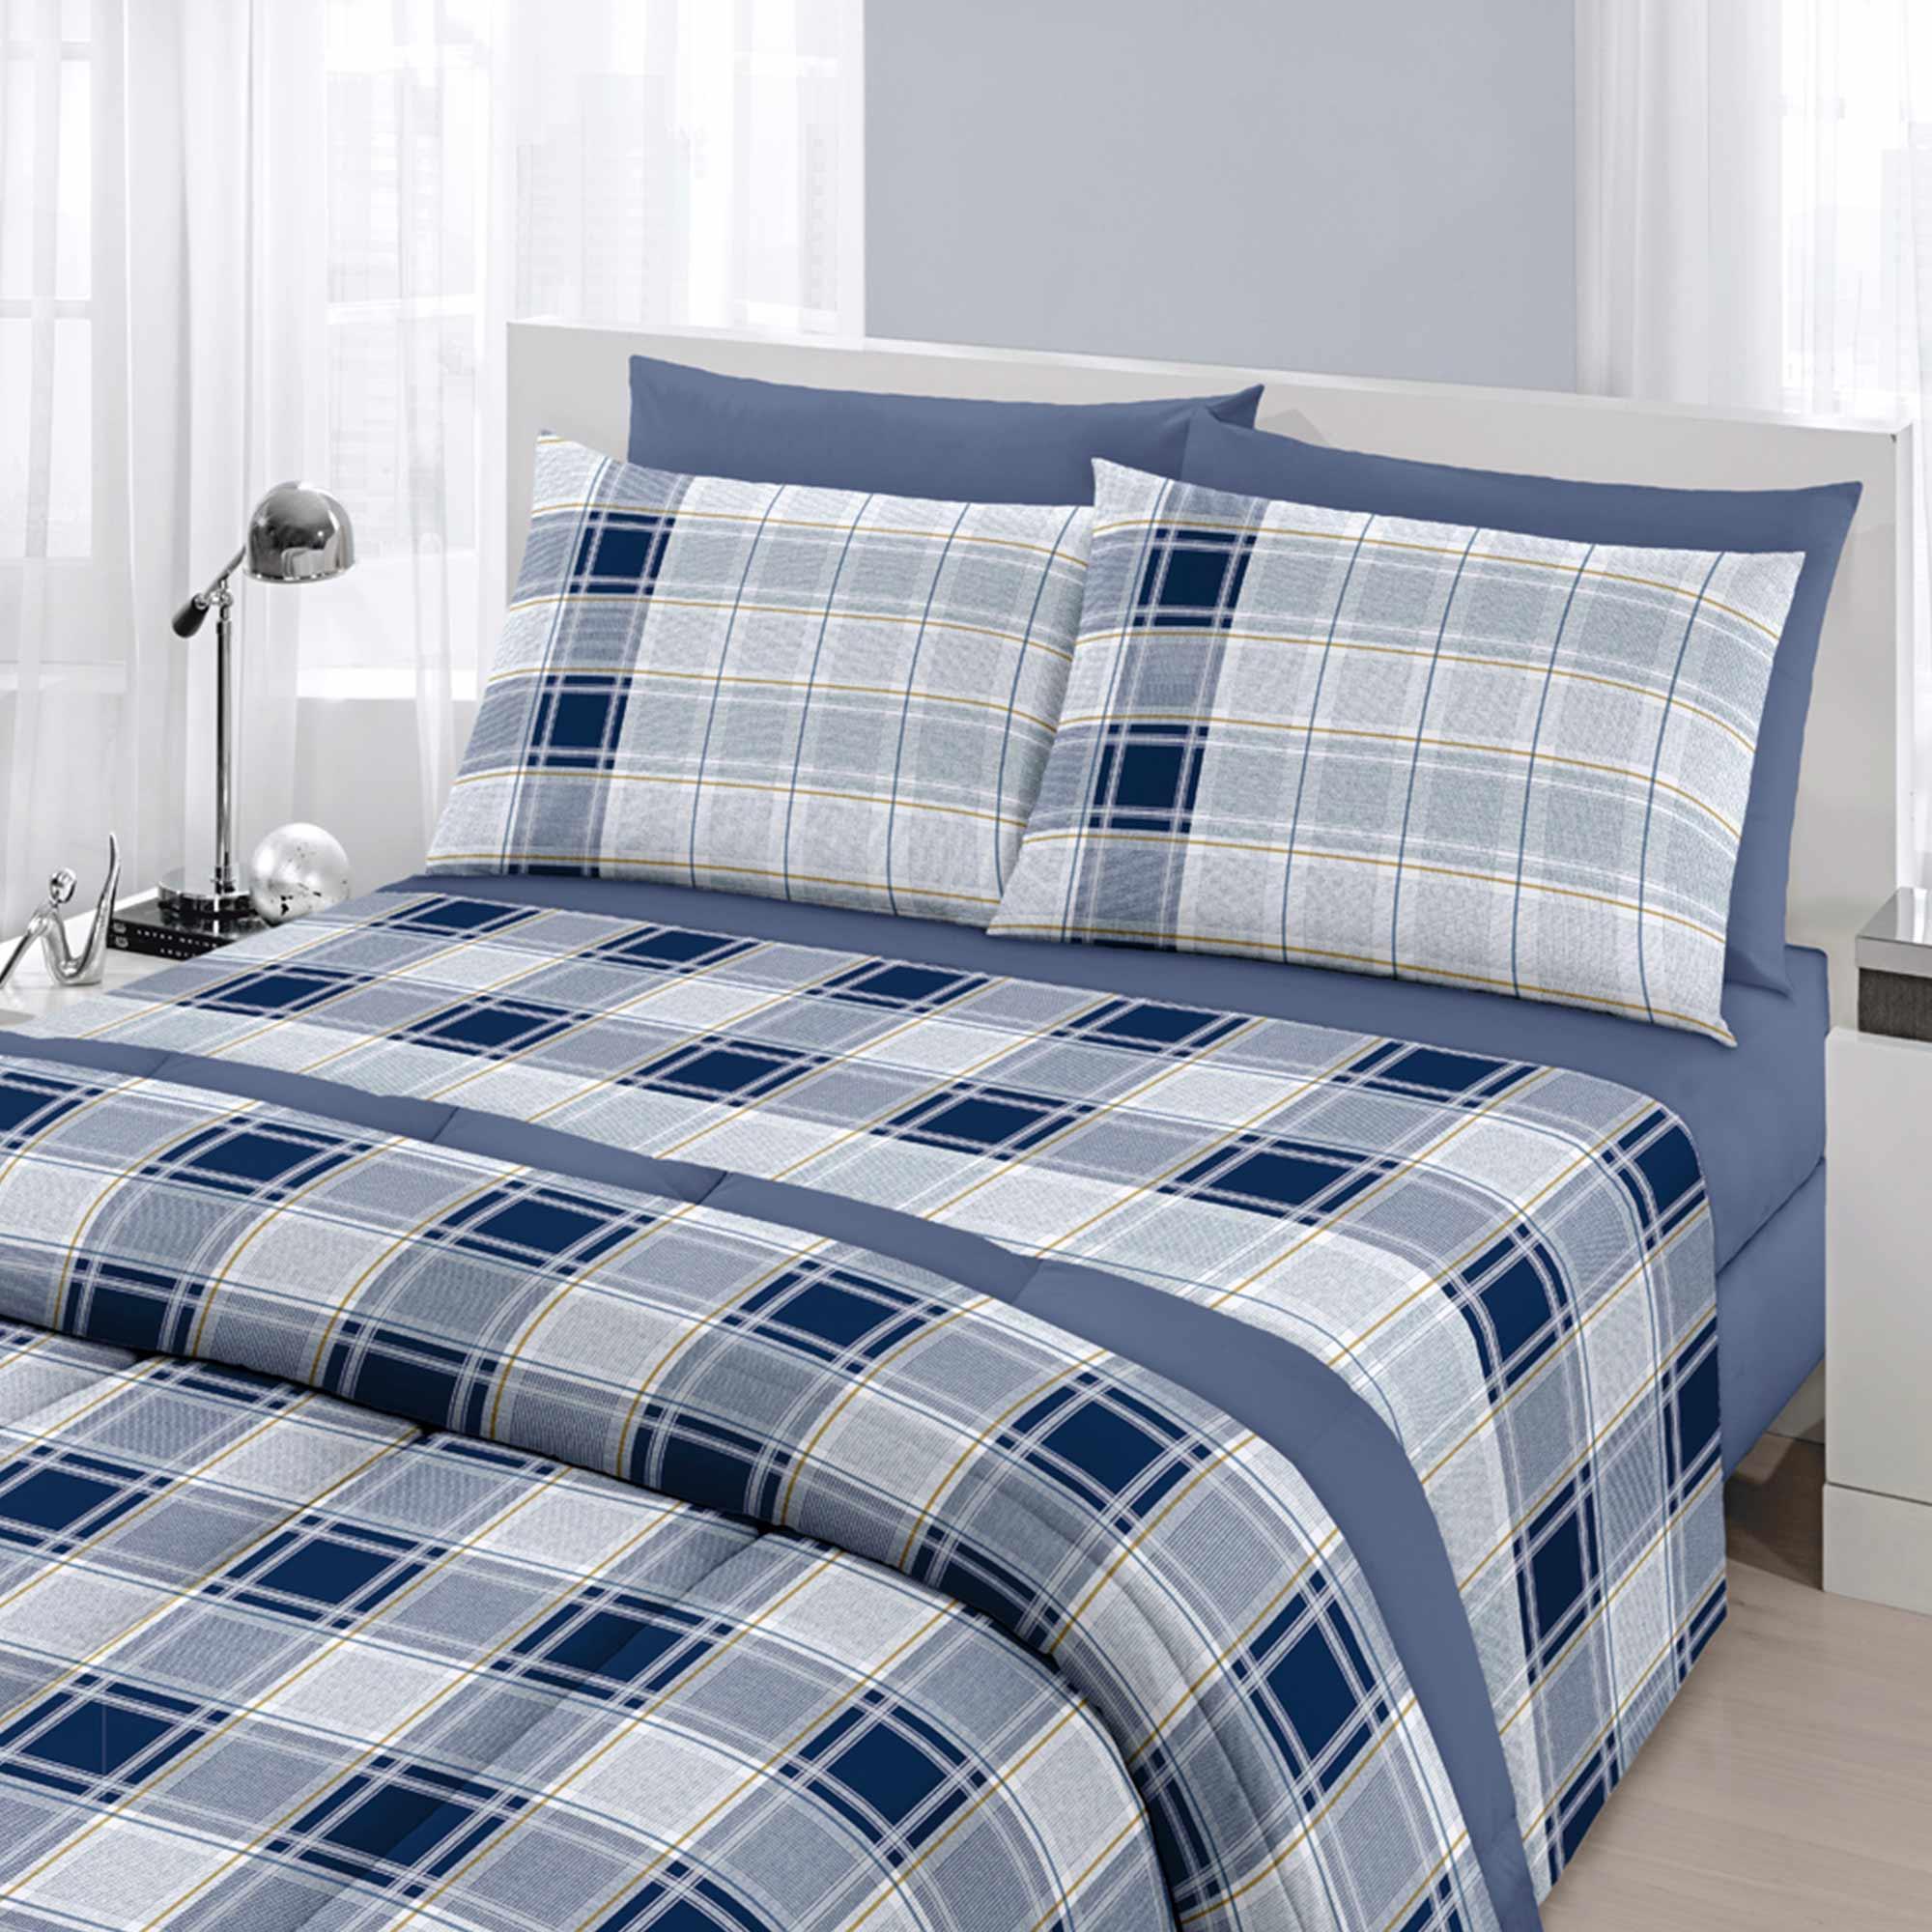 Enxoval Casal 7 peças Royal matias Blue